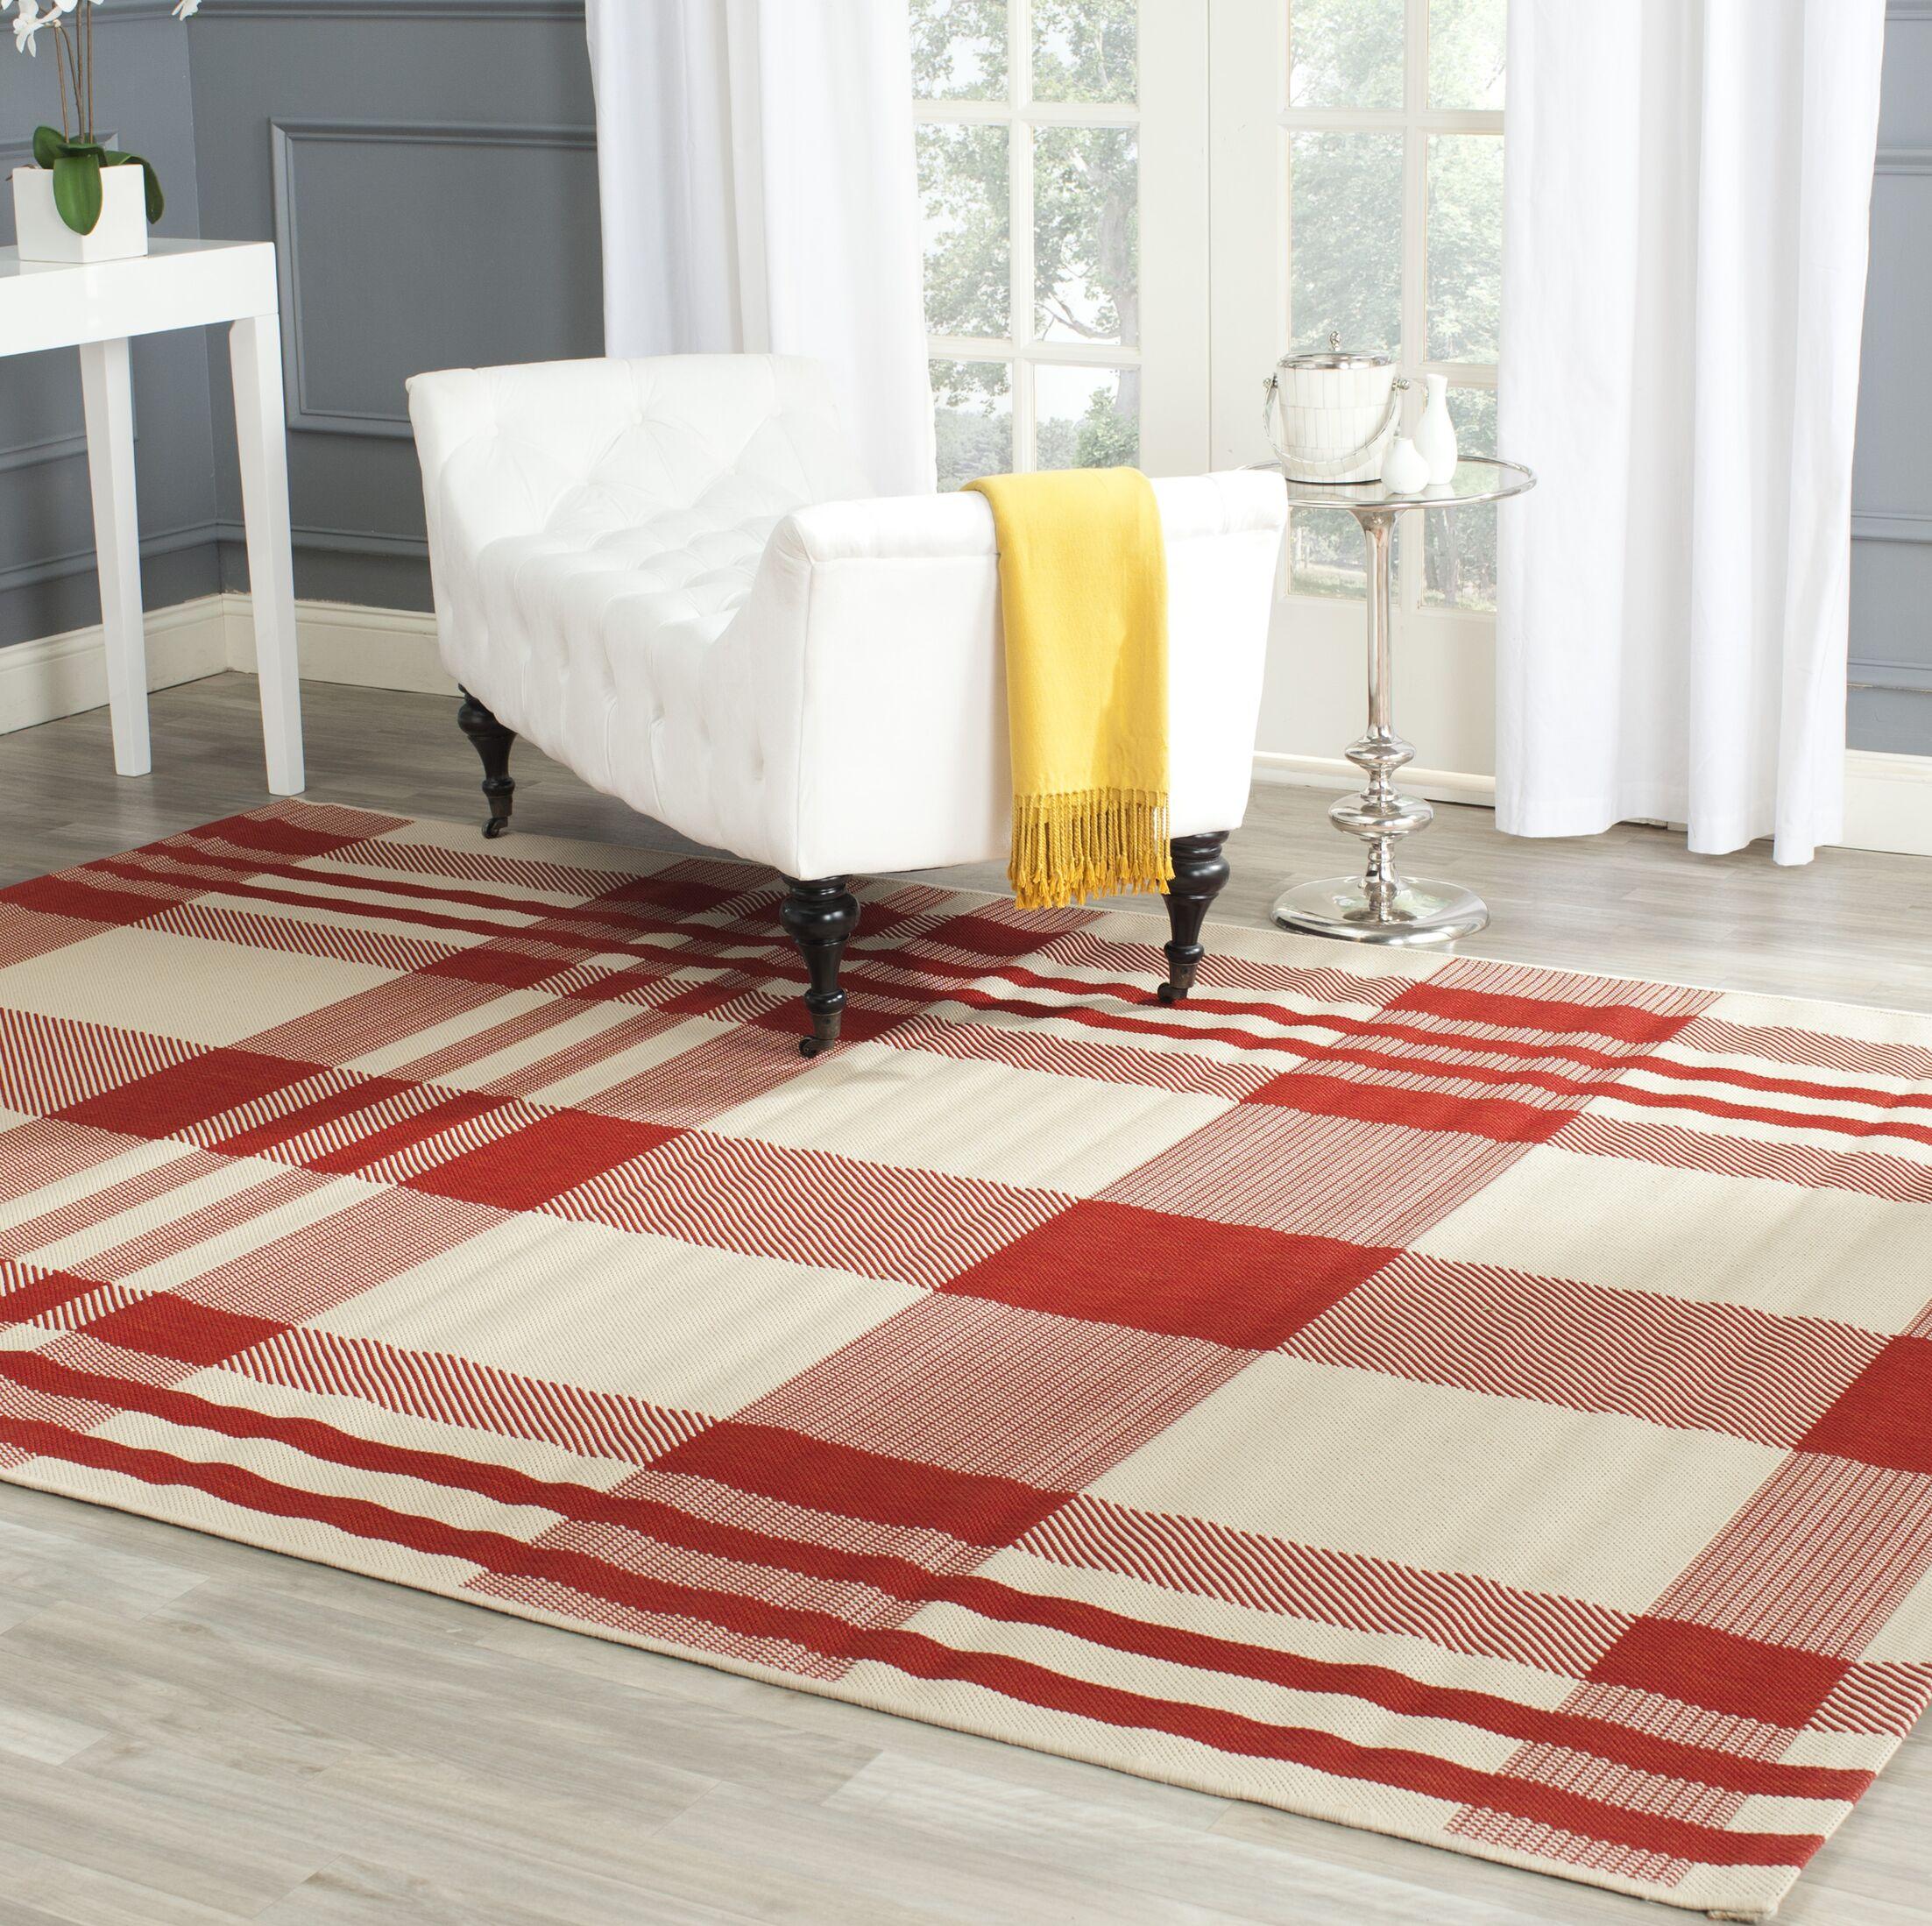 Laurel Red/Bone Indoor/Outdoor Area Rug Rug Size: Rectangle 5'3